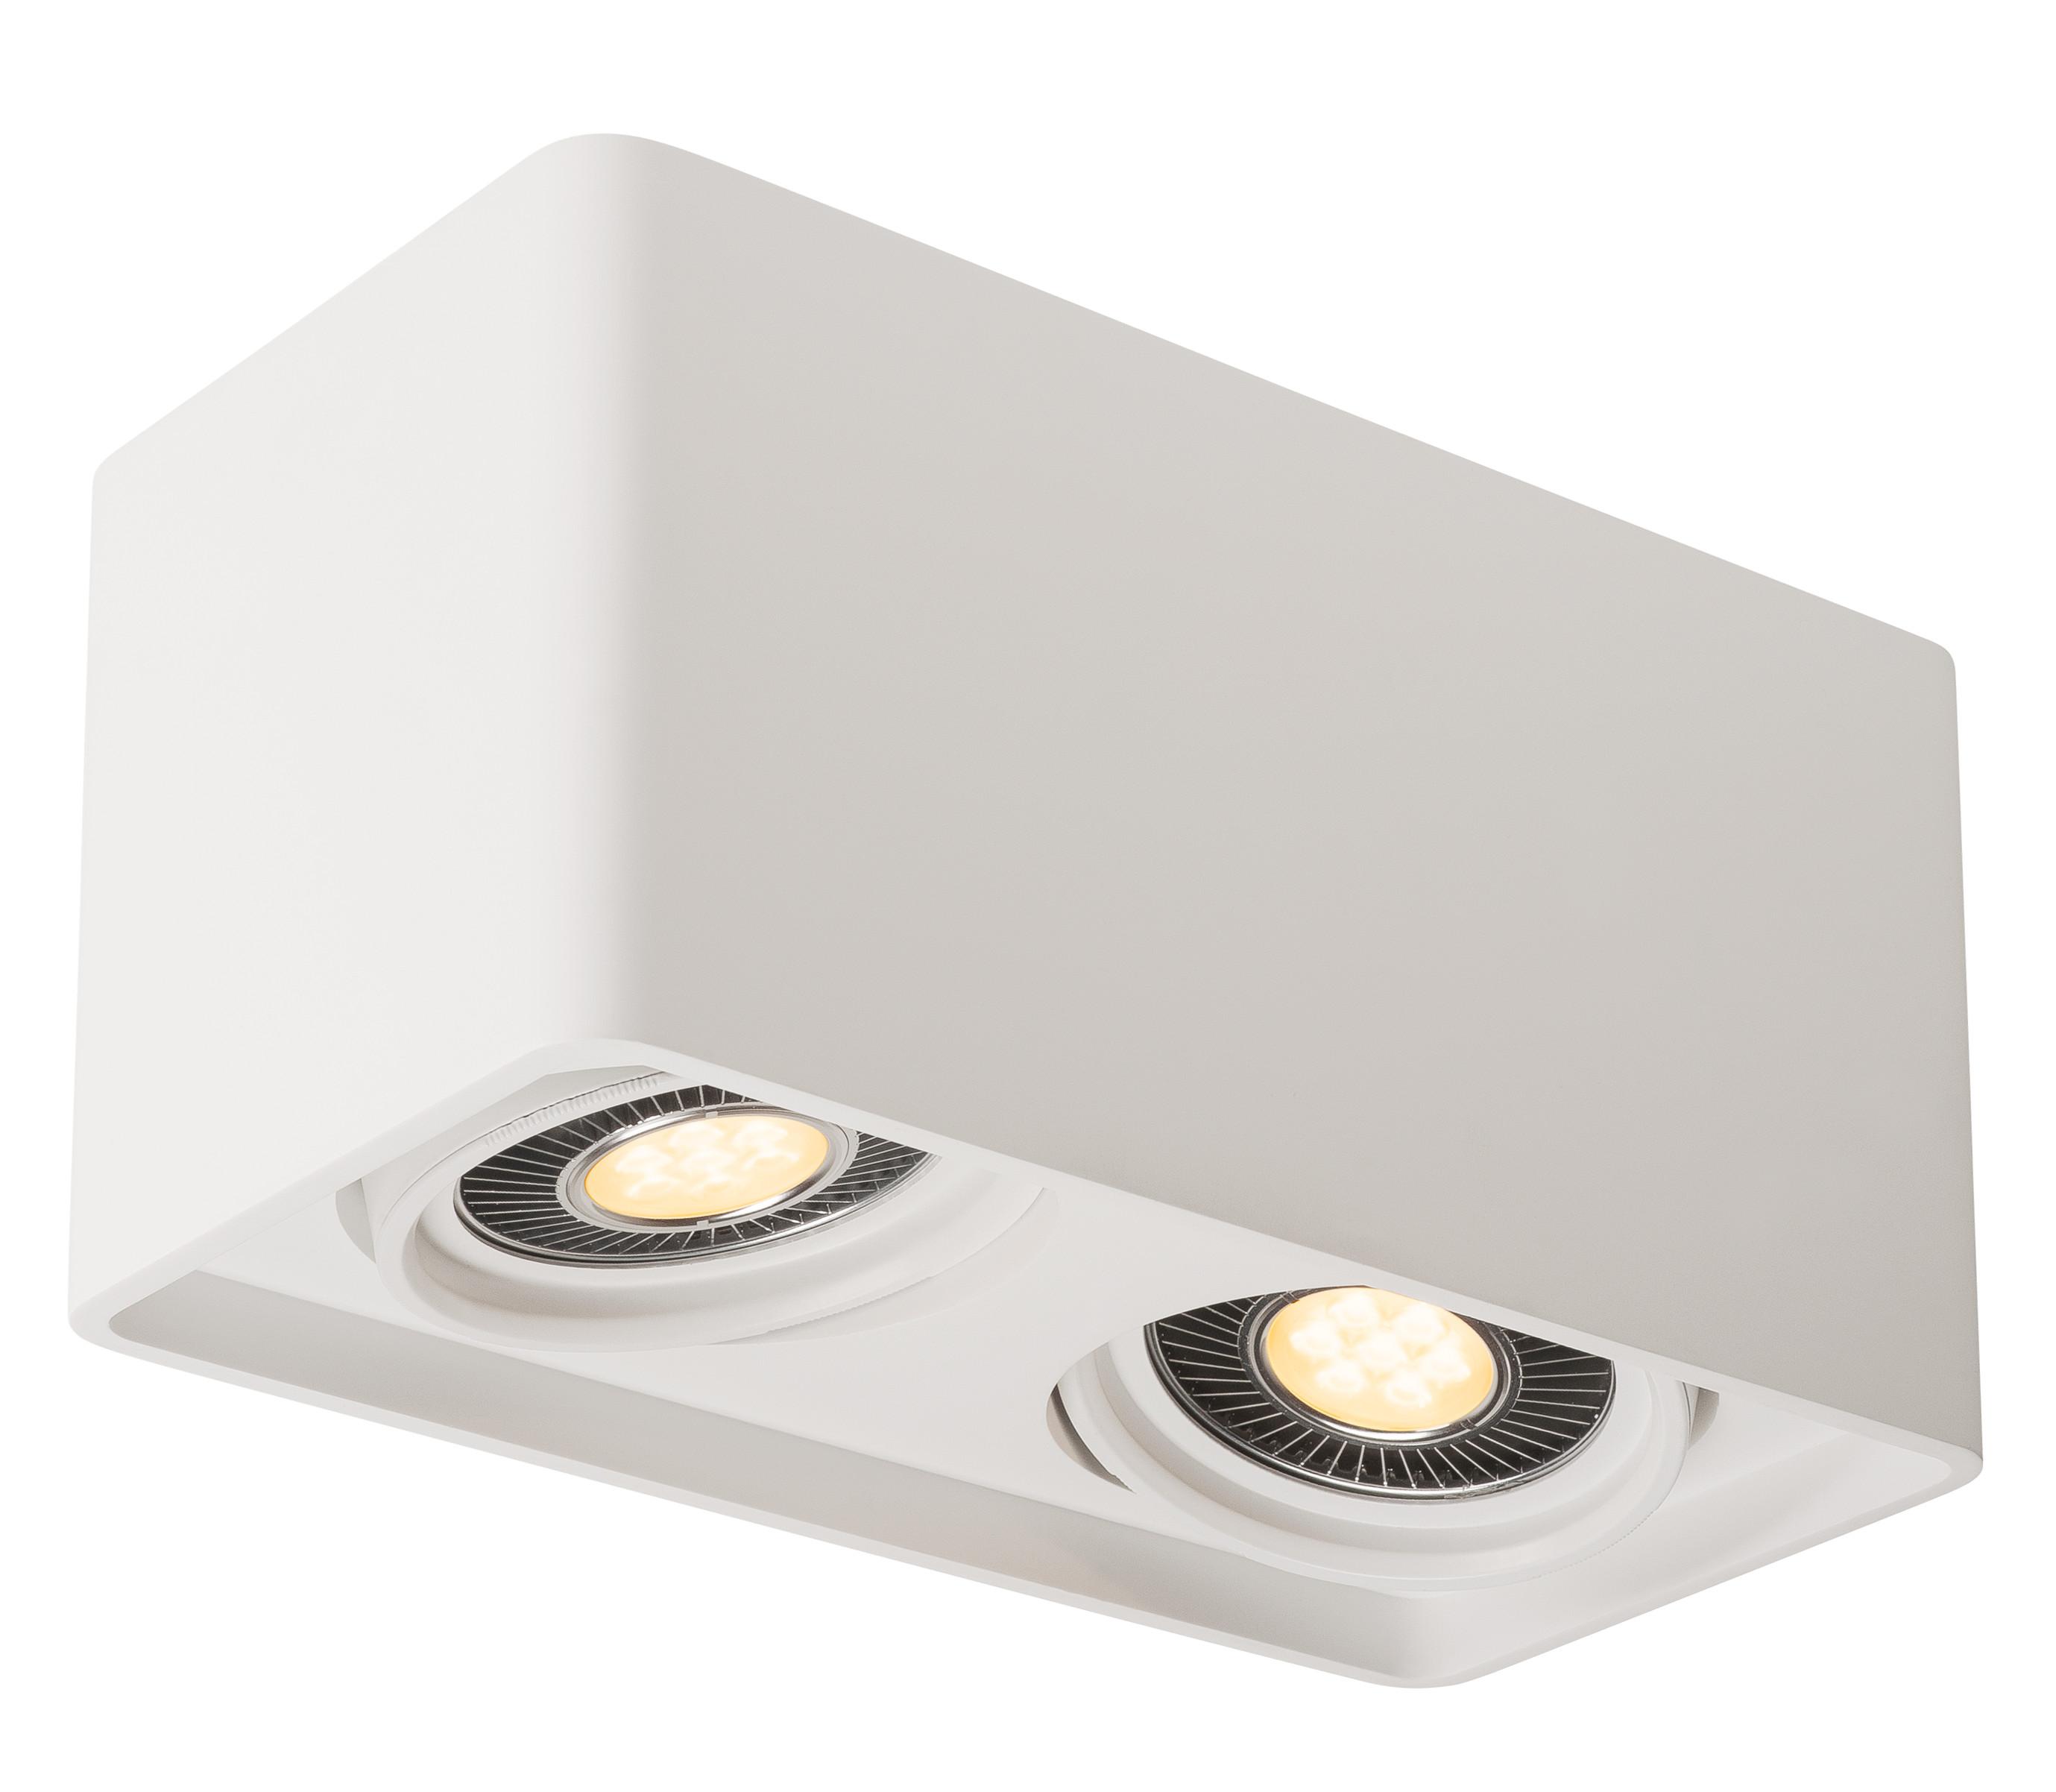 1 Stk PLASTRA, Deckenleuchte, zweiflammig, LED GU10 111mm LI148082--